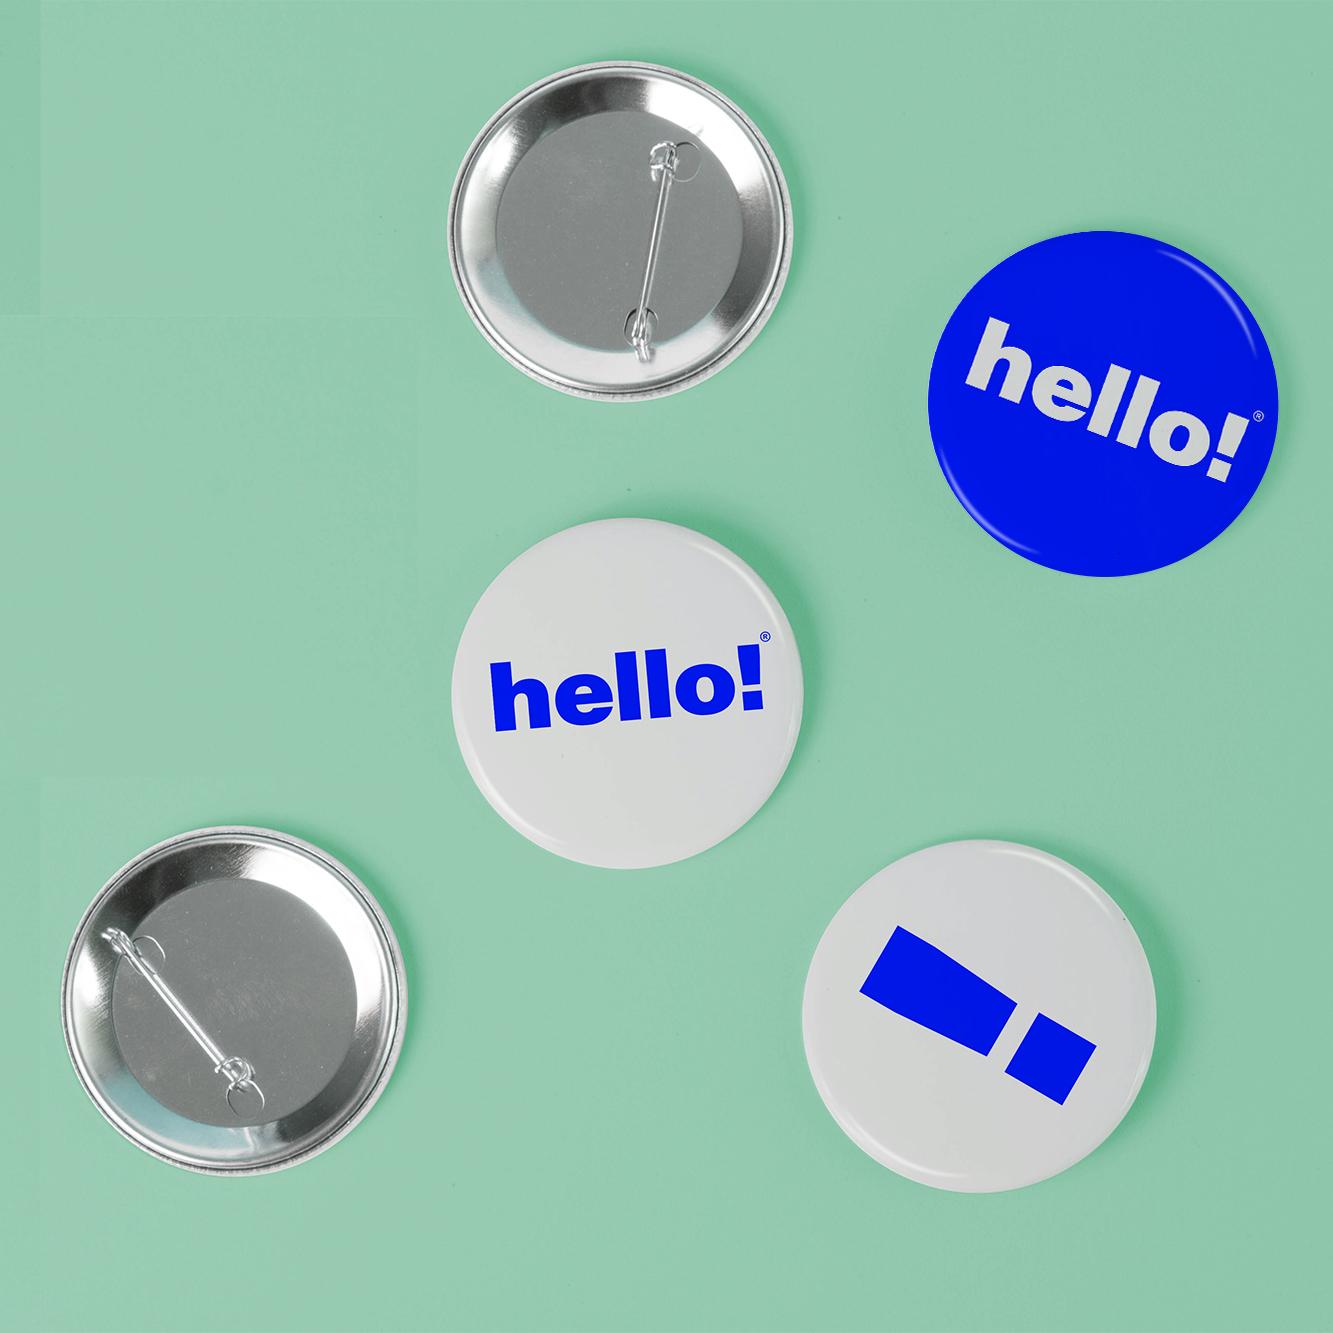 Языковая школа Hello!